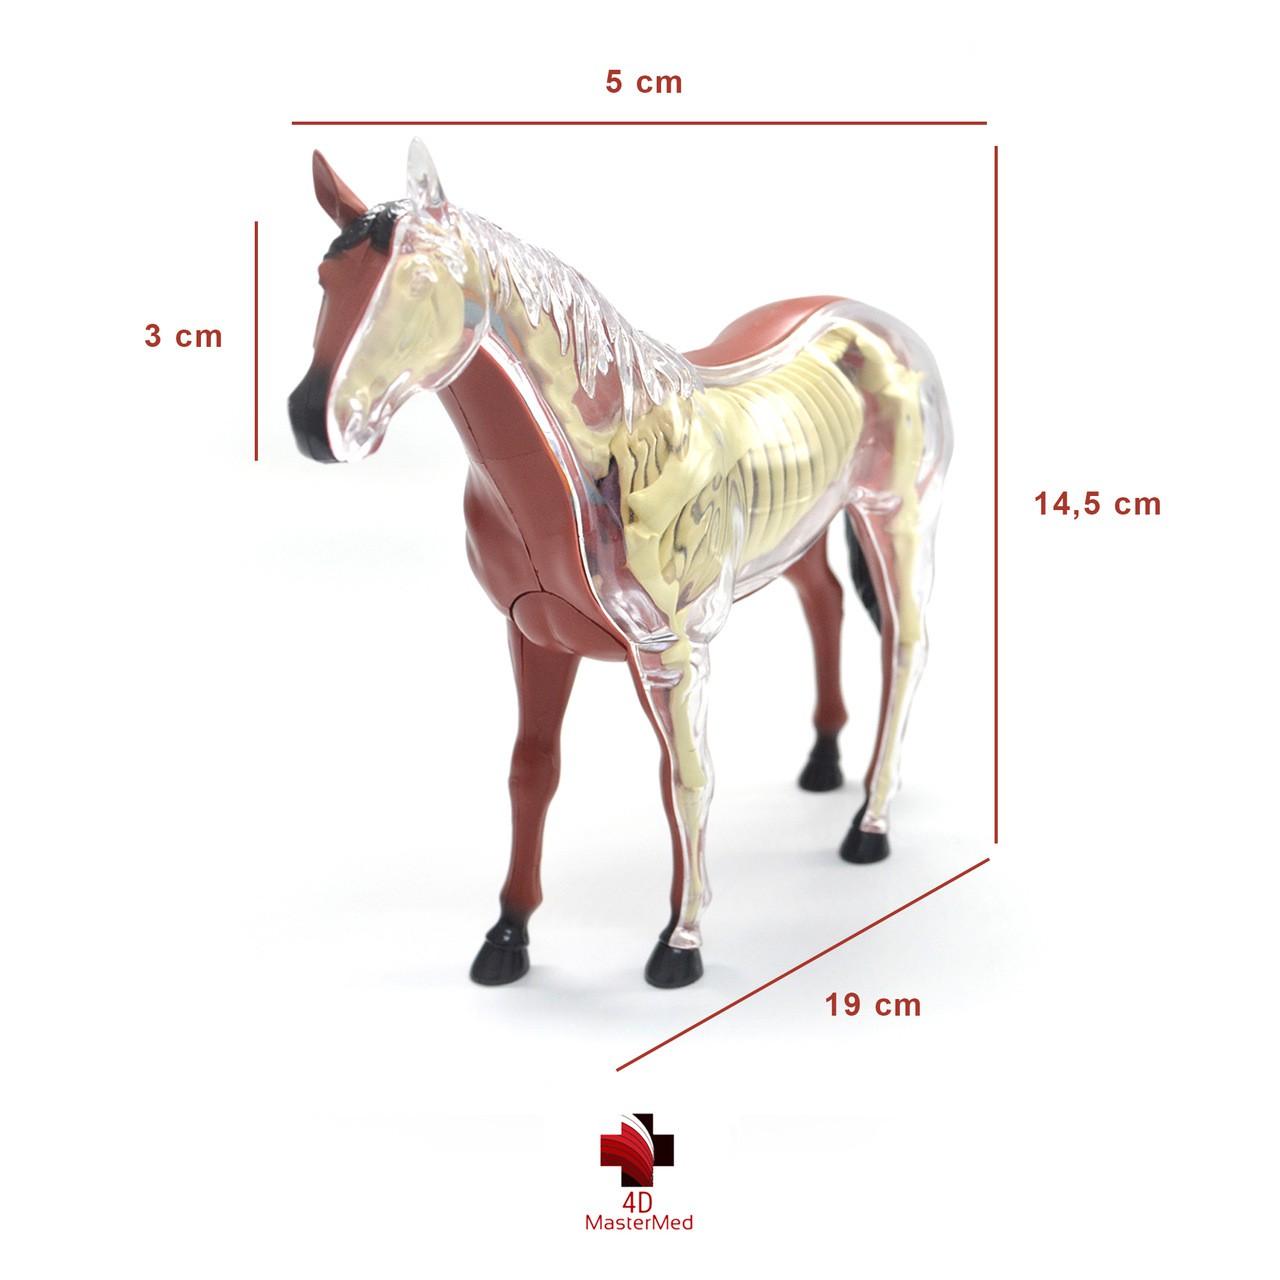 Kit Veterinário - Cachorro, Gato, Cavalo, Vaca, Galinha e Porco